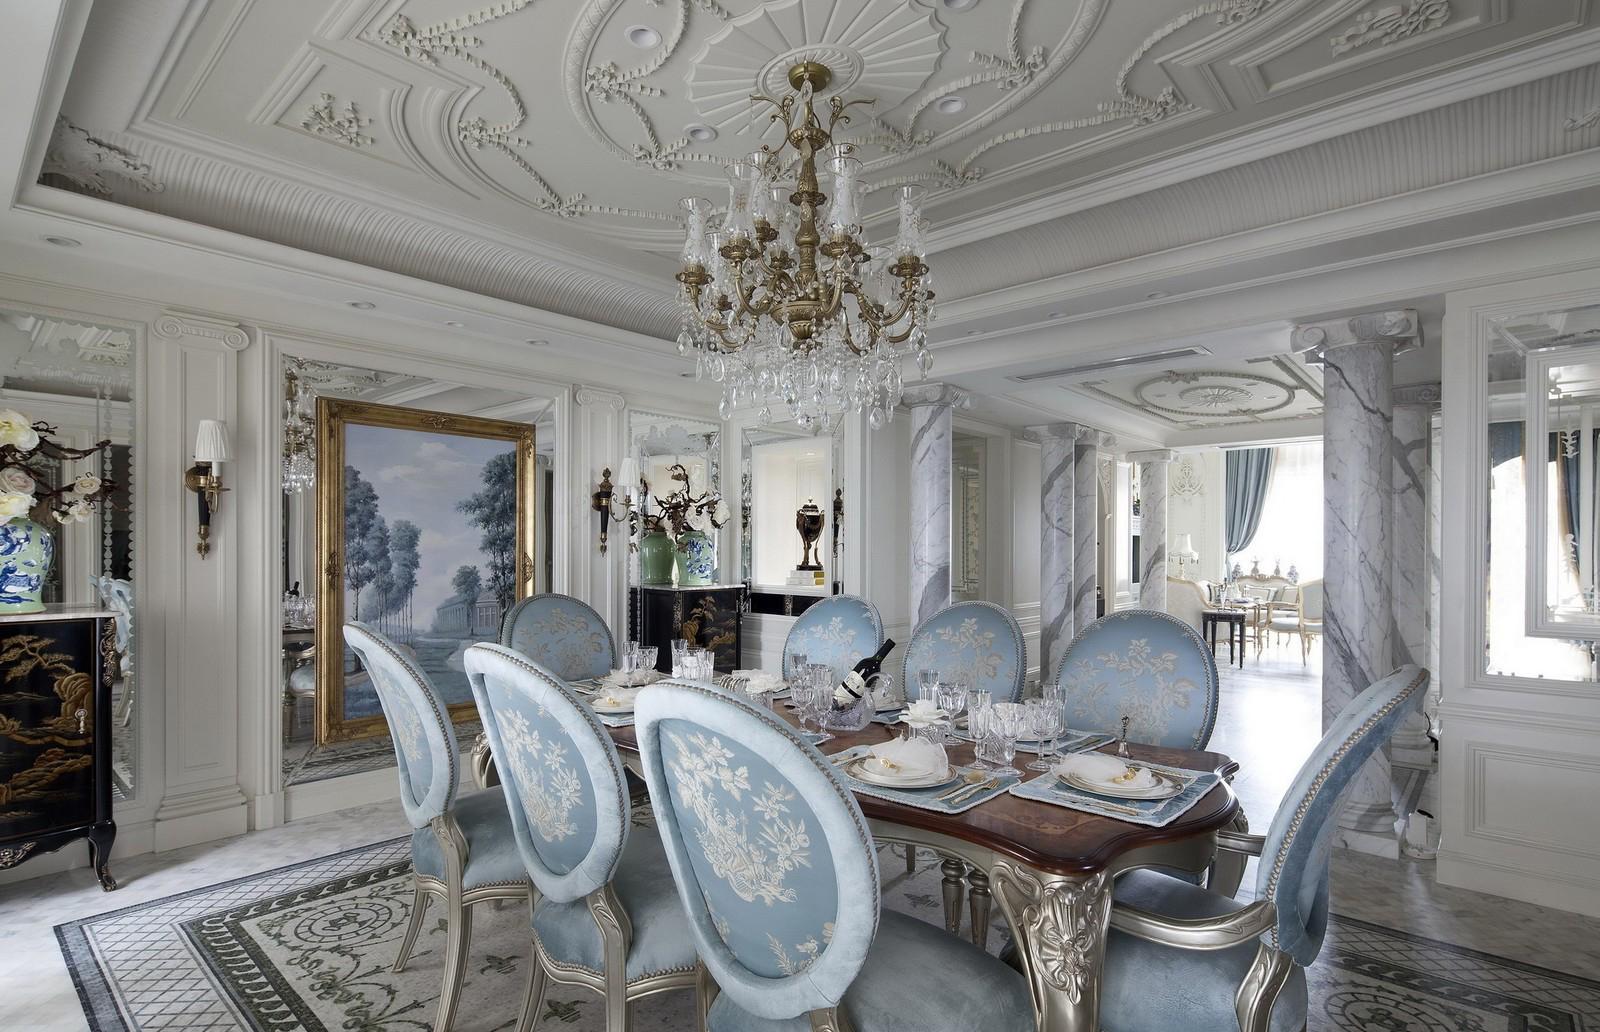 别墅装修 别墅设计 别墅效果图 法式风格 餐厅图片来自石家庄亿佰居装饰在法式别墅的浪漫与品味的分享